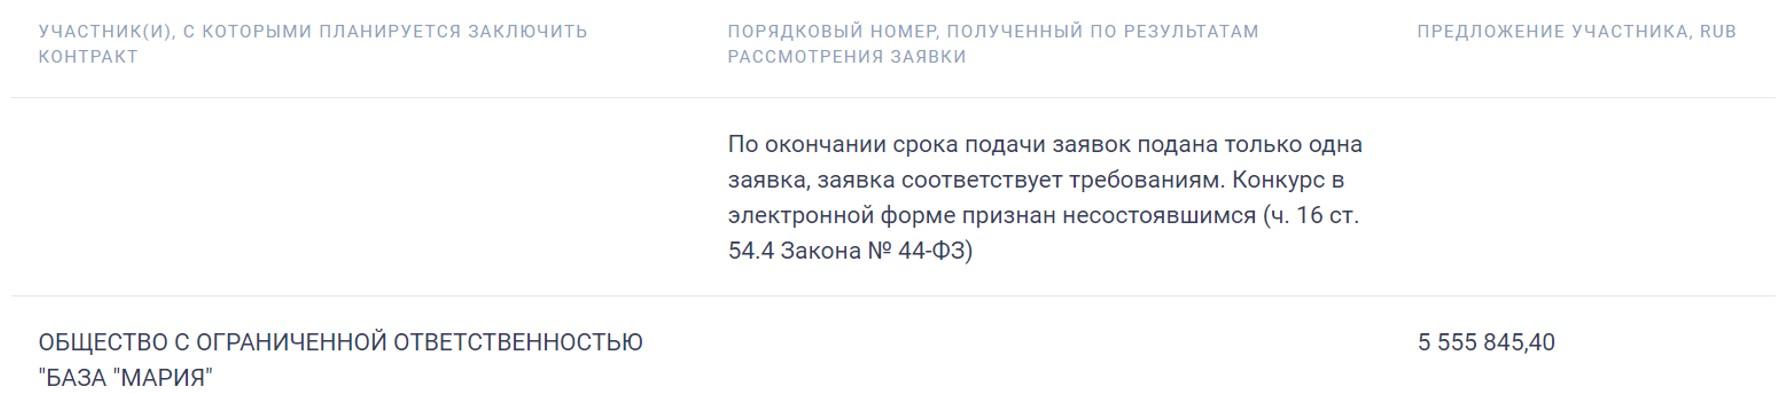 «Комбинат «Волховхлеб» обратился в УФАС с требованием пересмотреть результаты тендеров